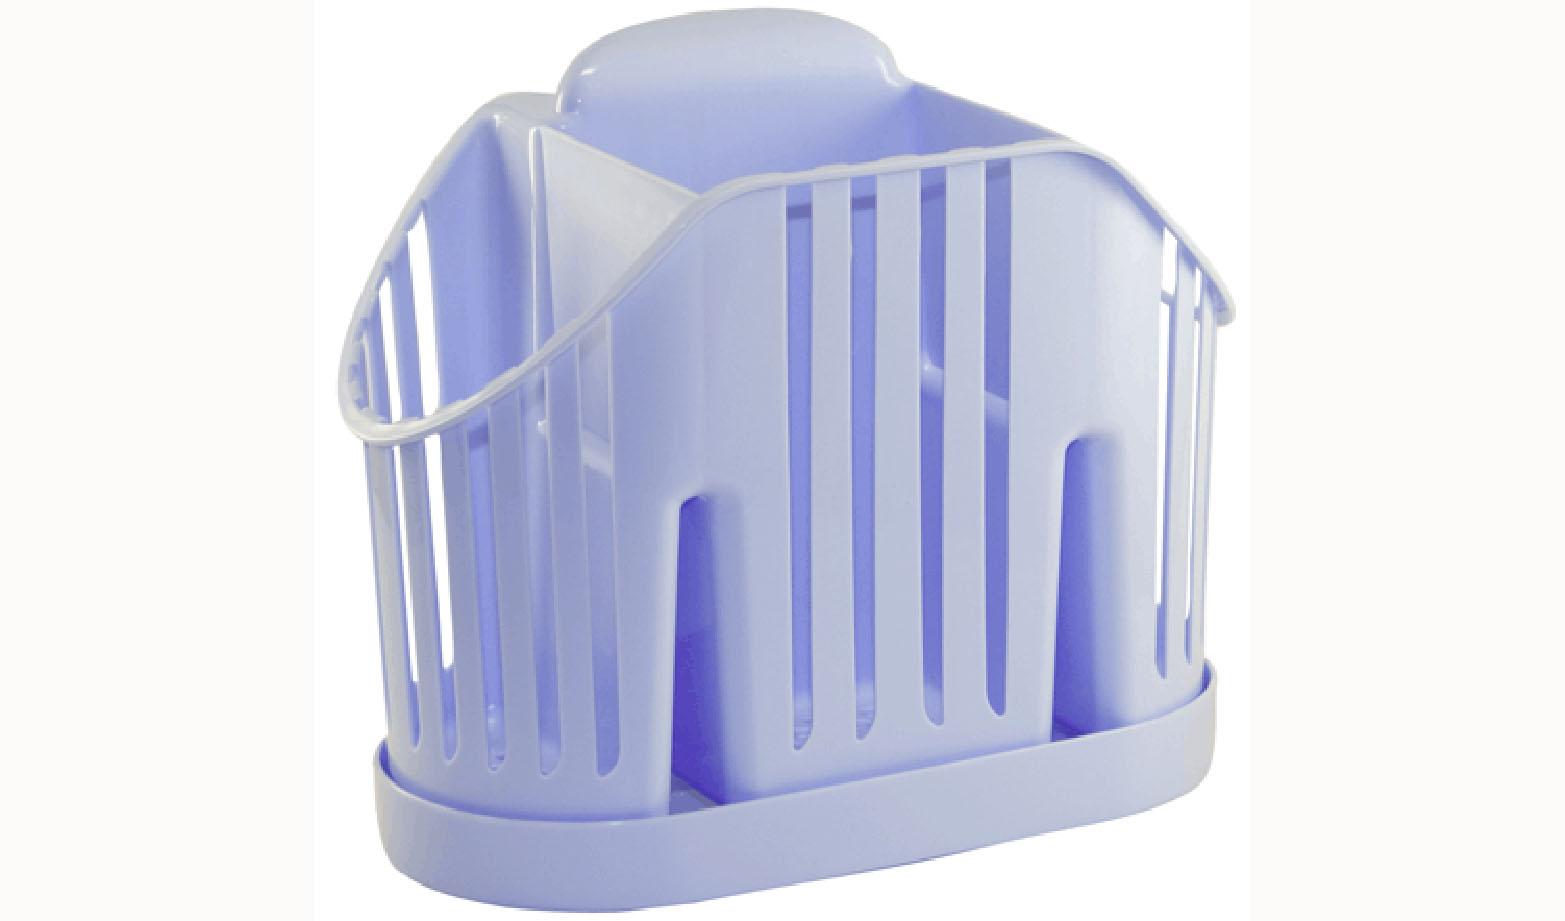 Подставка для столовых приборов Idea, цвет: голубой4630003364517Подставка для столовых приборов Idea, выполненная из высококачественногополипропилена, станет полезным приобретением для вашей кухни. Изделие оснащено 3 секциями дляразличных столовых приборов. Дно и стенки имеют перфорацию для легкого стока жидкости,которую собирает поддон.Такая подставка поможет аккуратно рассортировать все столовые приборы и тем самымподдерживать порядок на кухне.Размер подставки: 13,5 х 17,5 х 11 см.Размер поддона: 18,5 х 10 х 2 см.